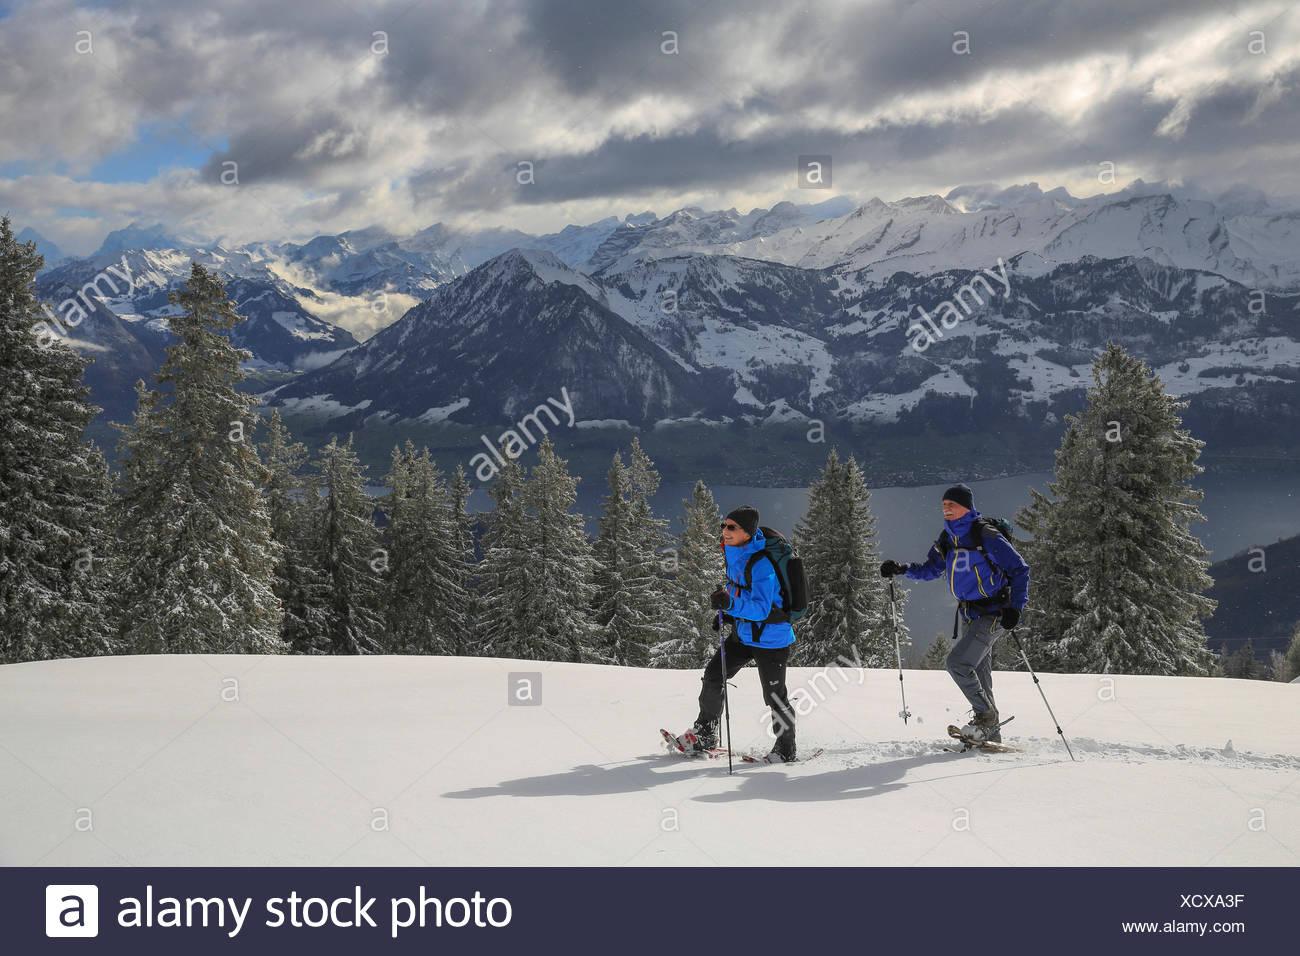 L'exécution de chaussures de neige, Rigi, montagne, montagnes, l'hiver, sports d'hiver, canton, LU, Lucerne, canton, SZ, Schwyz, central Switzerl Photo Stock